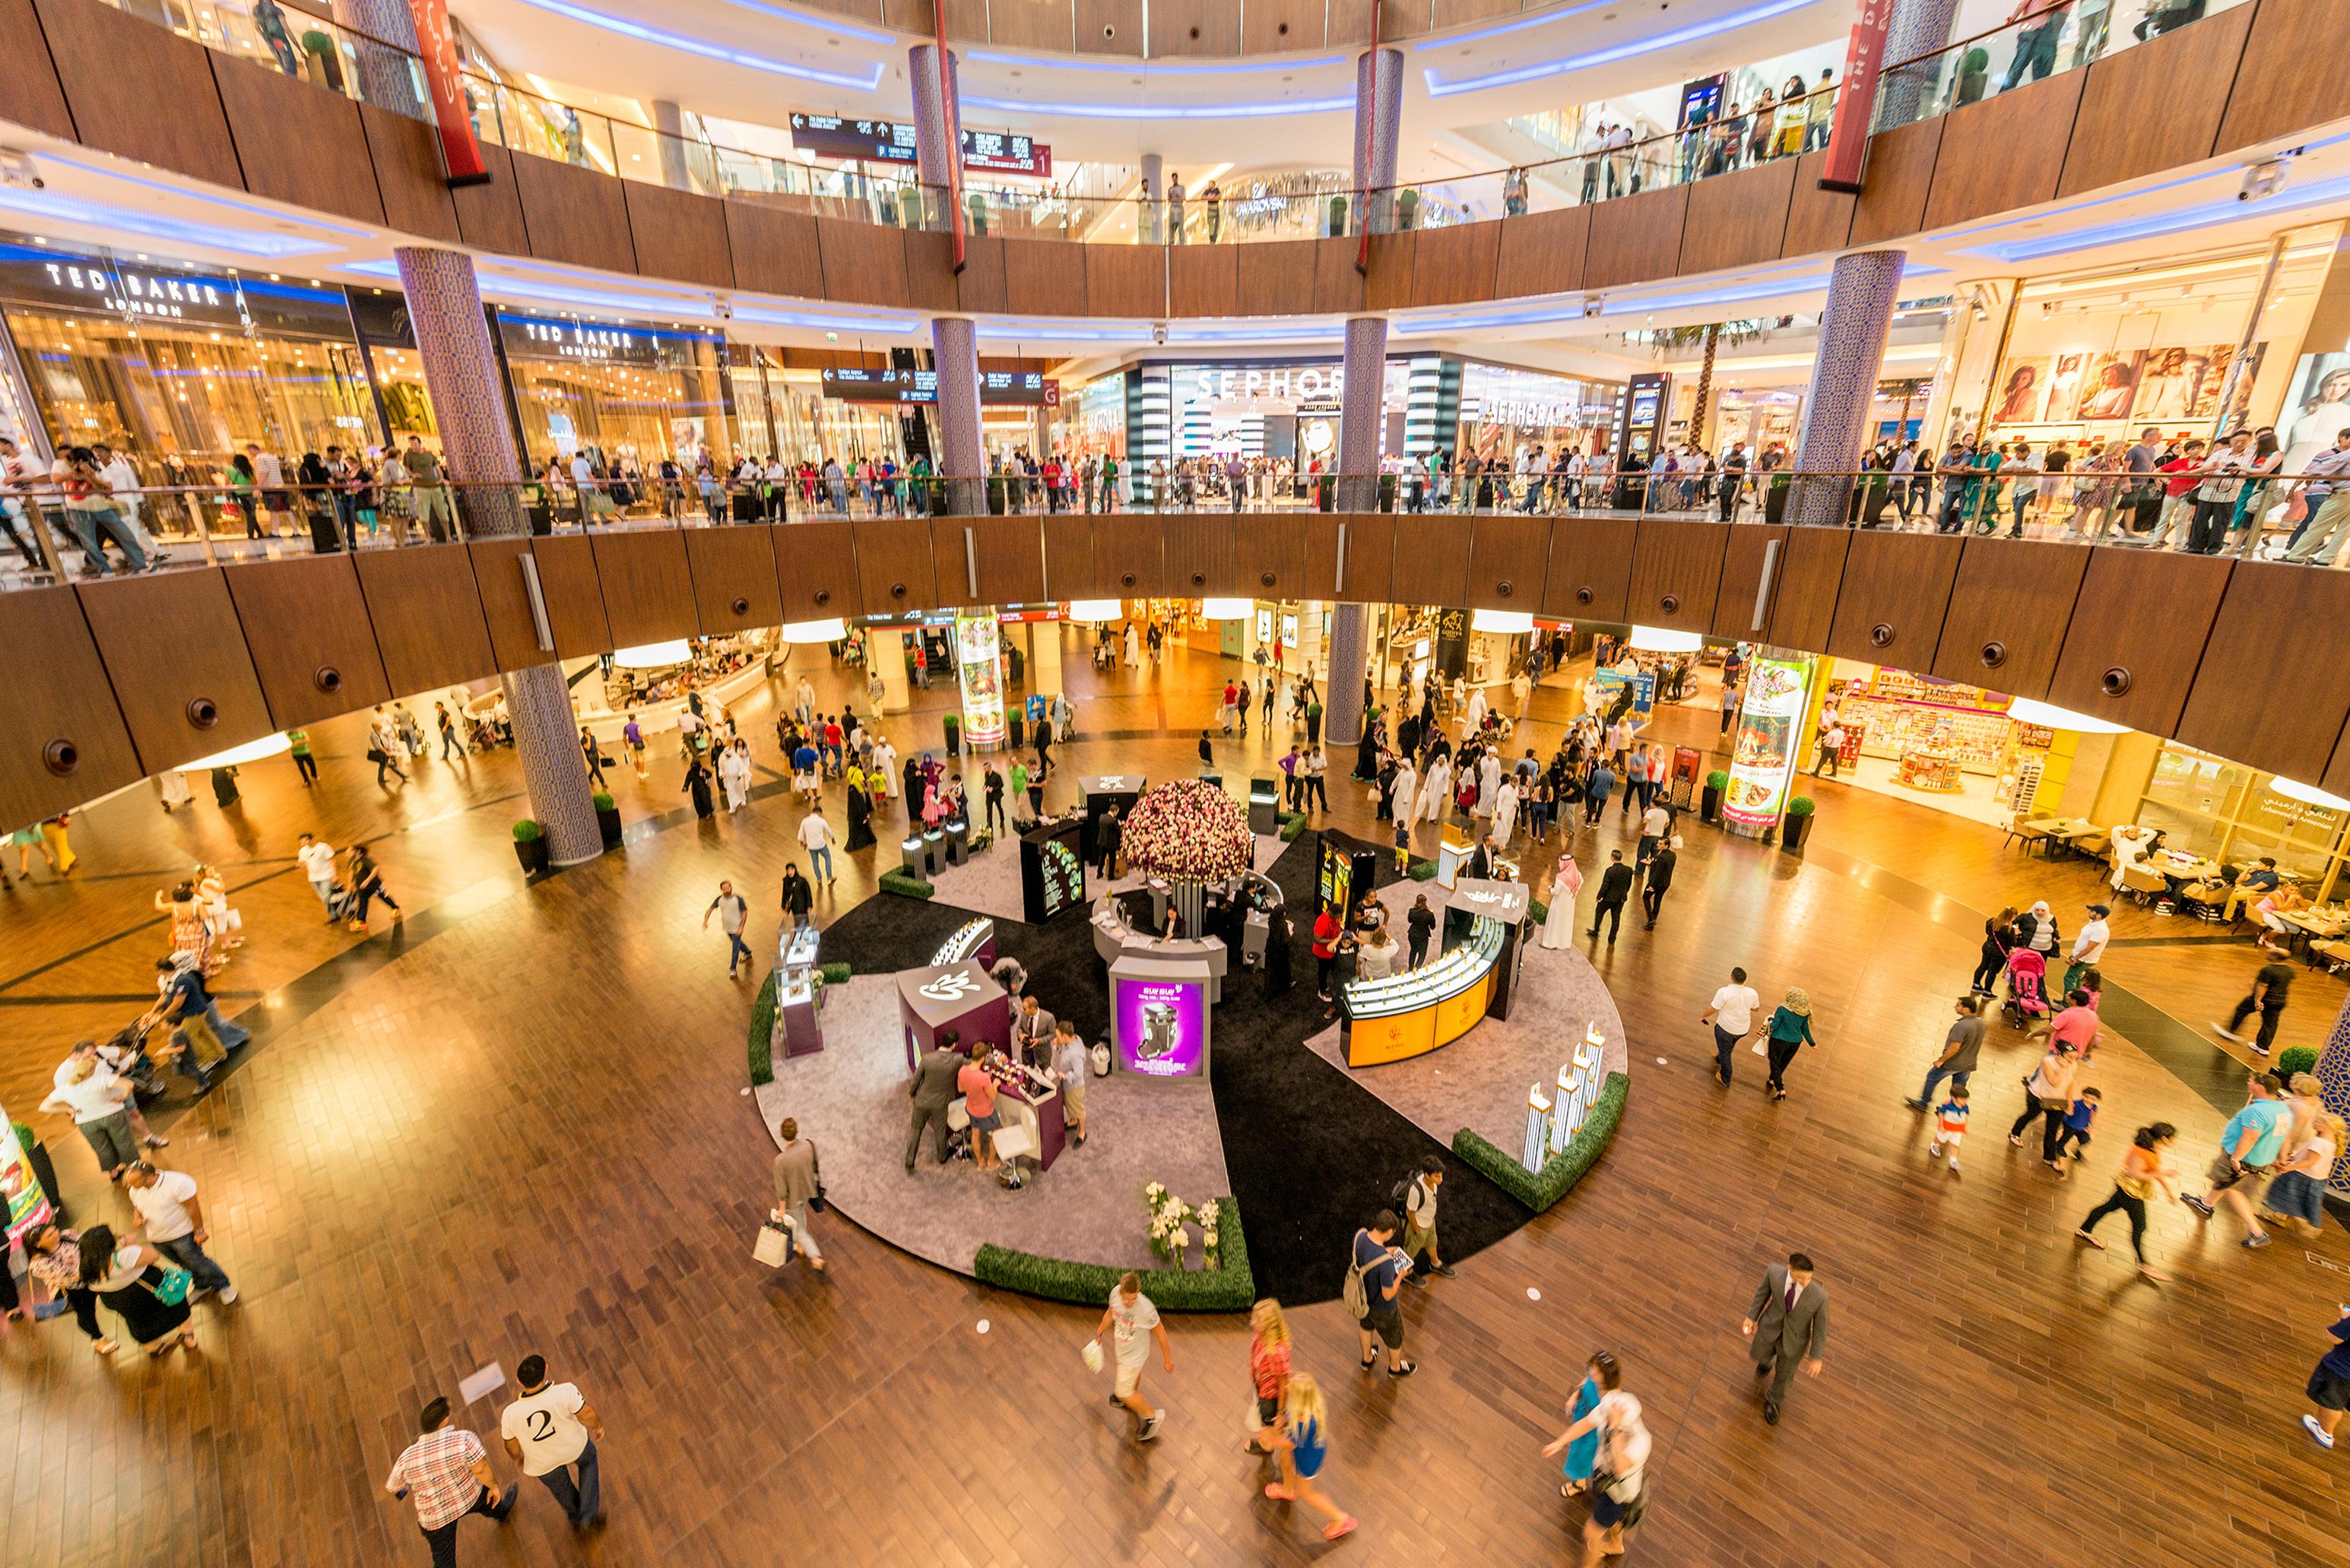 Soñar con un centro comercial